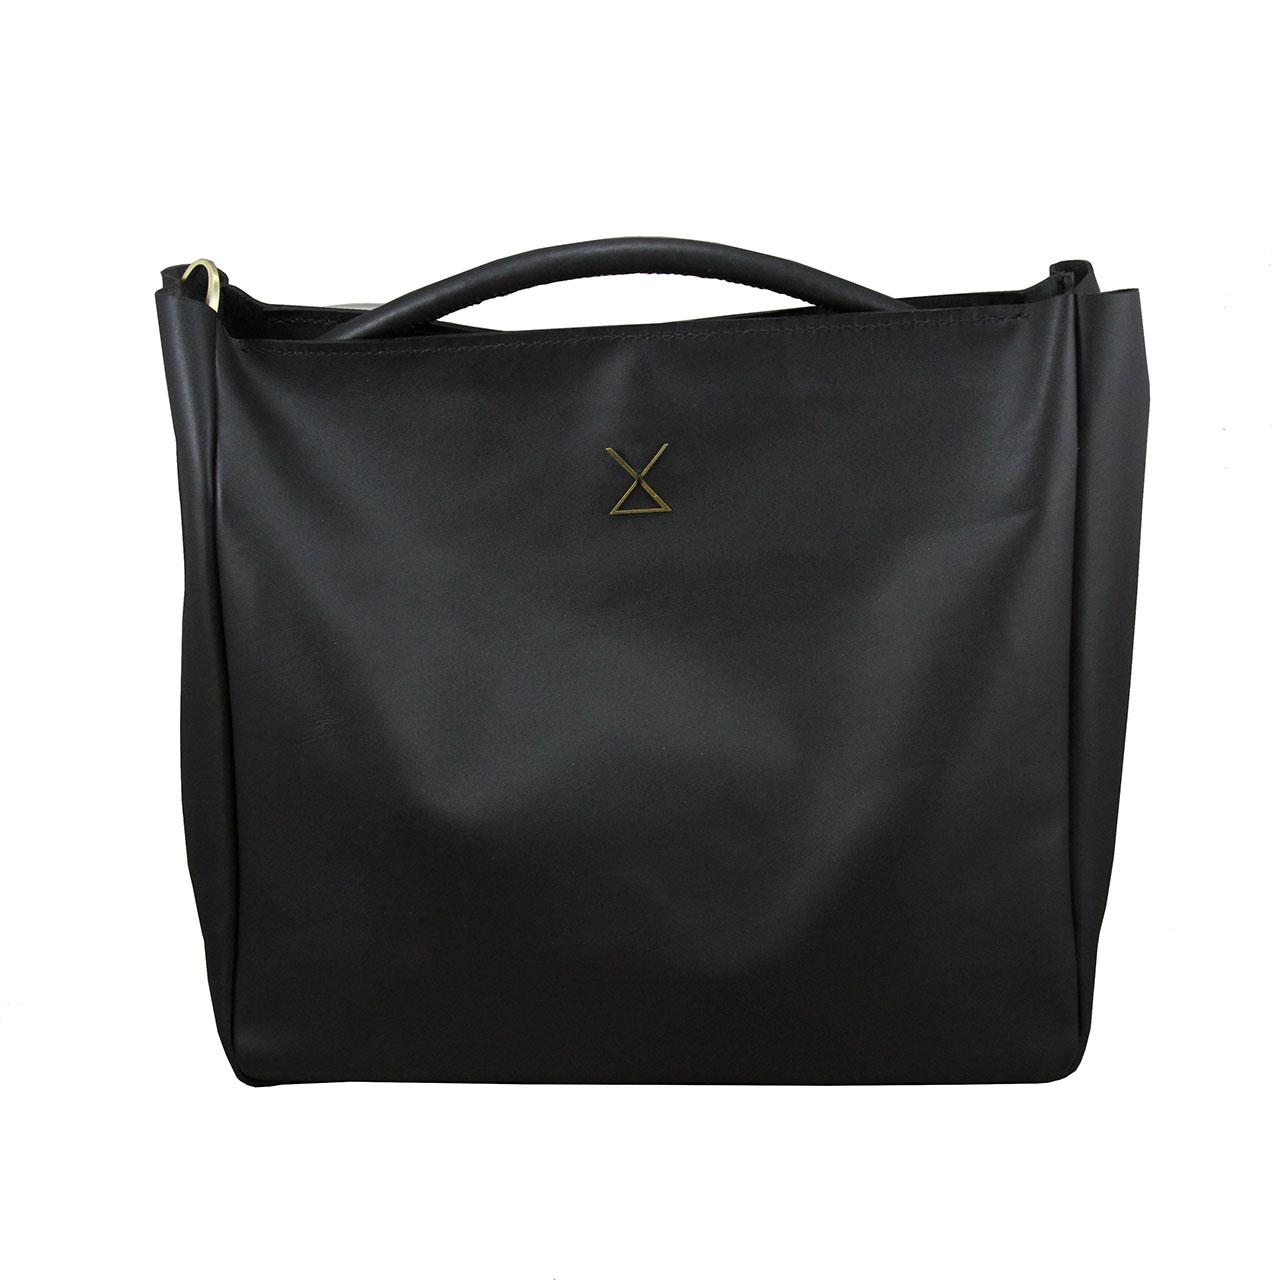 قیمت کیف دستی زنانه چرم لانکا مدل HB-24